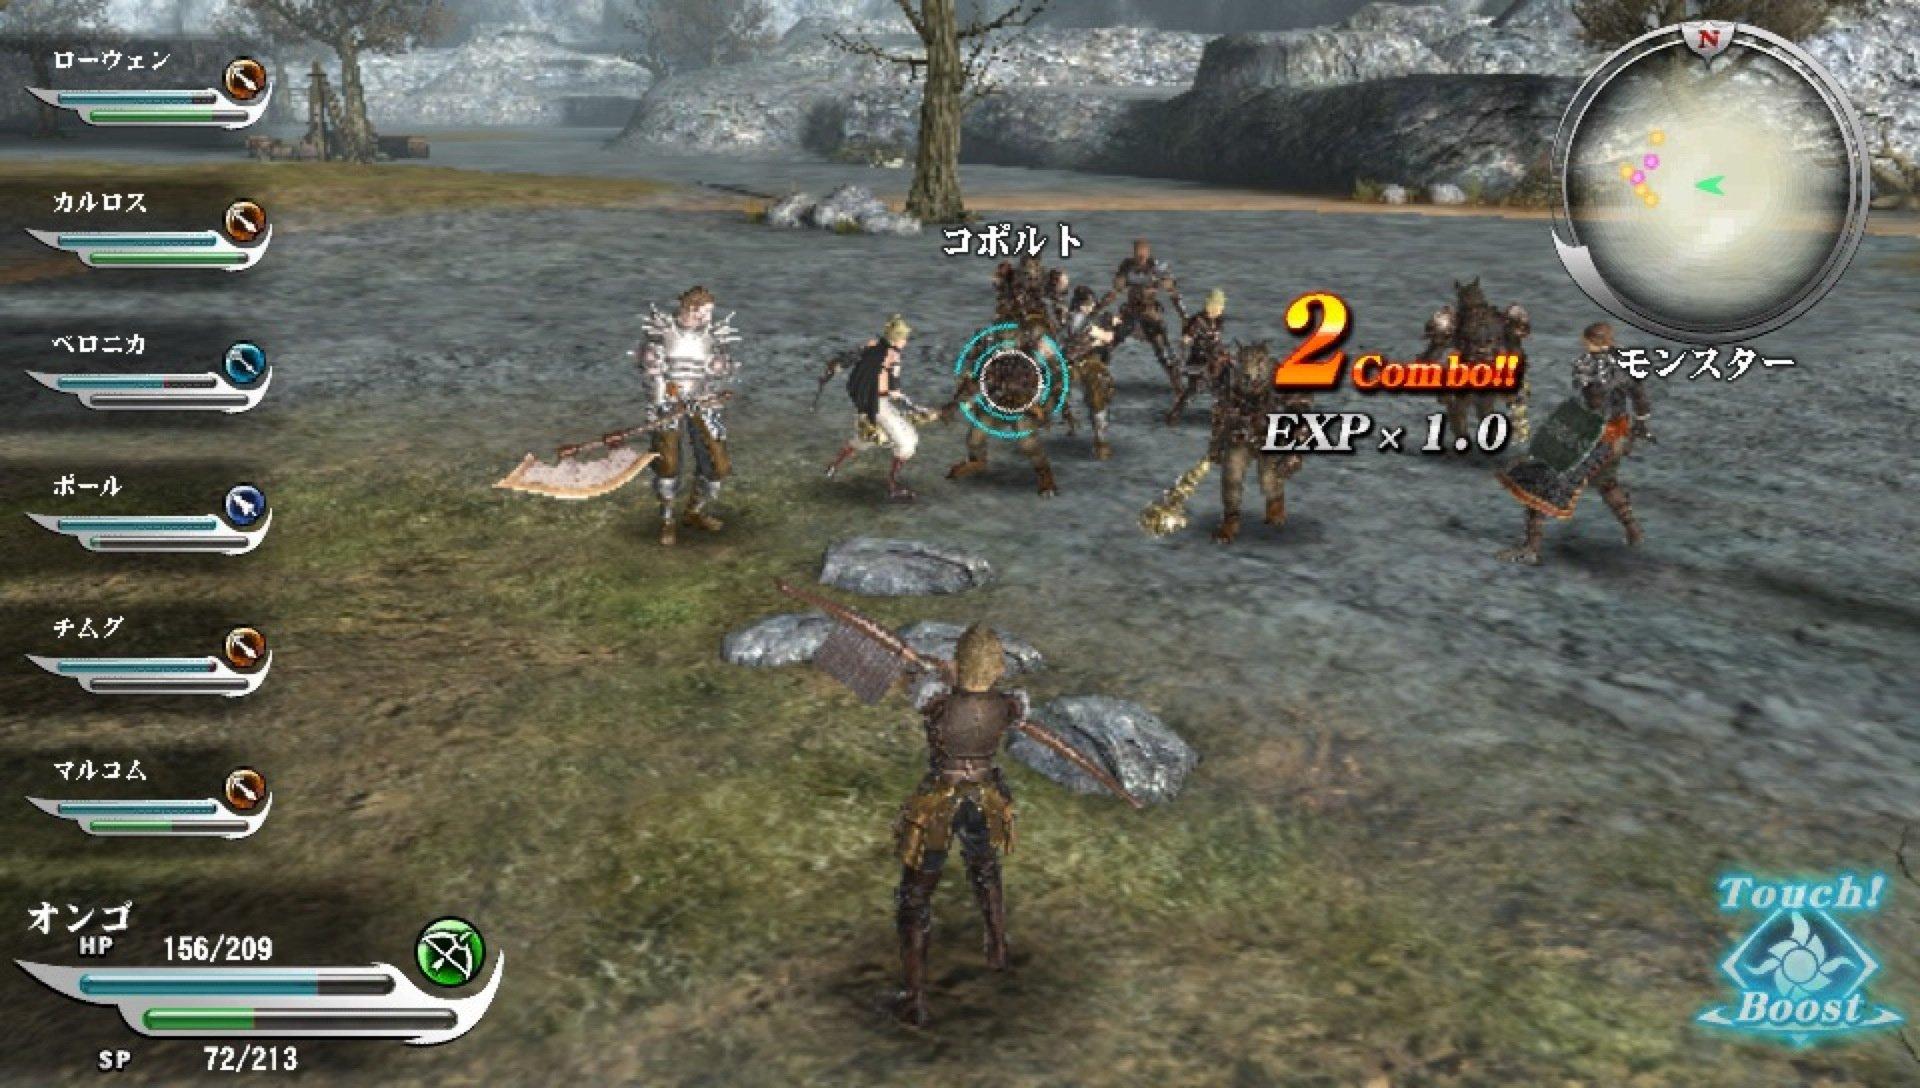 valhalla knights 2 battle stance guide